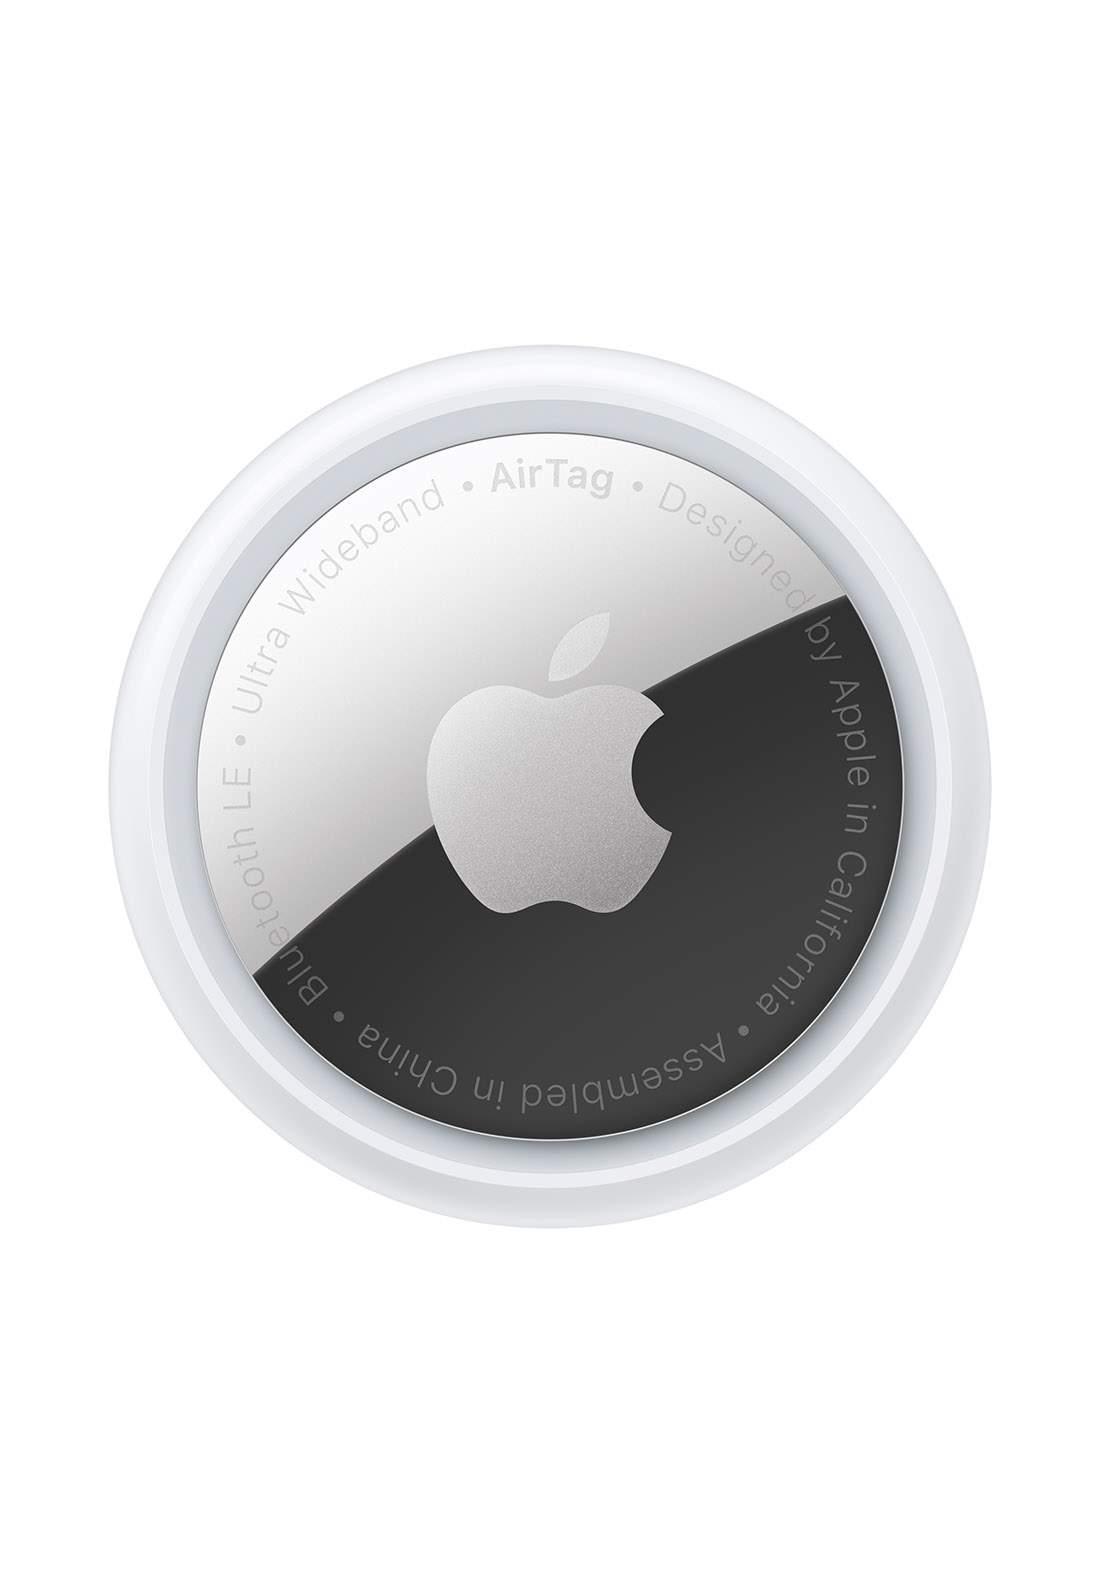 Apple AirTag - White